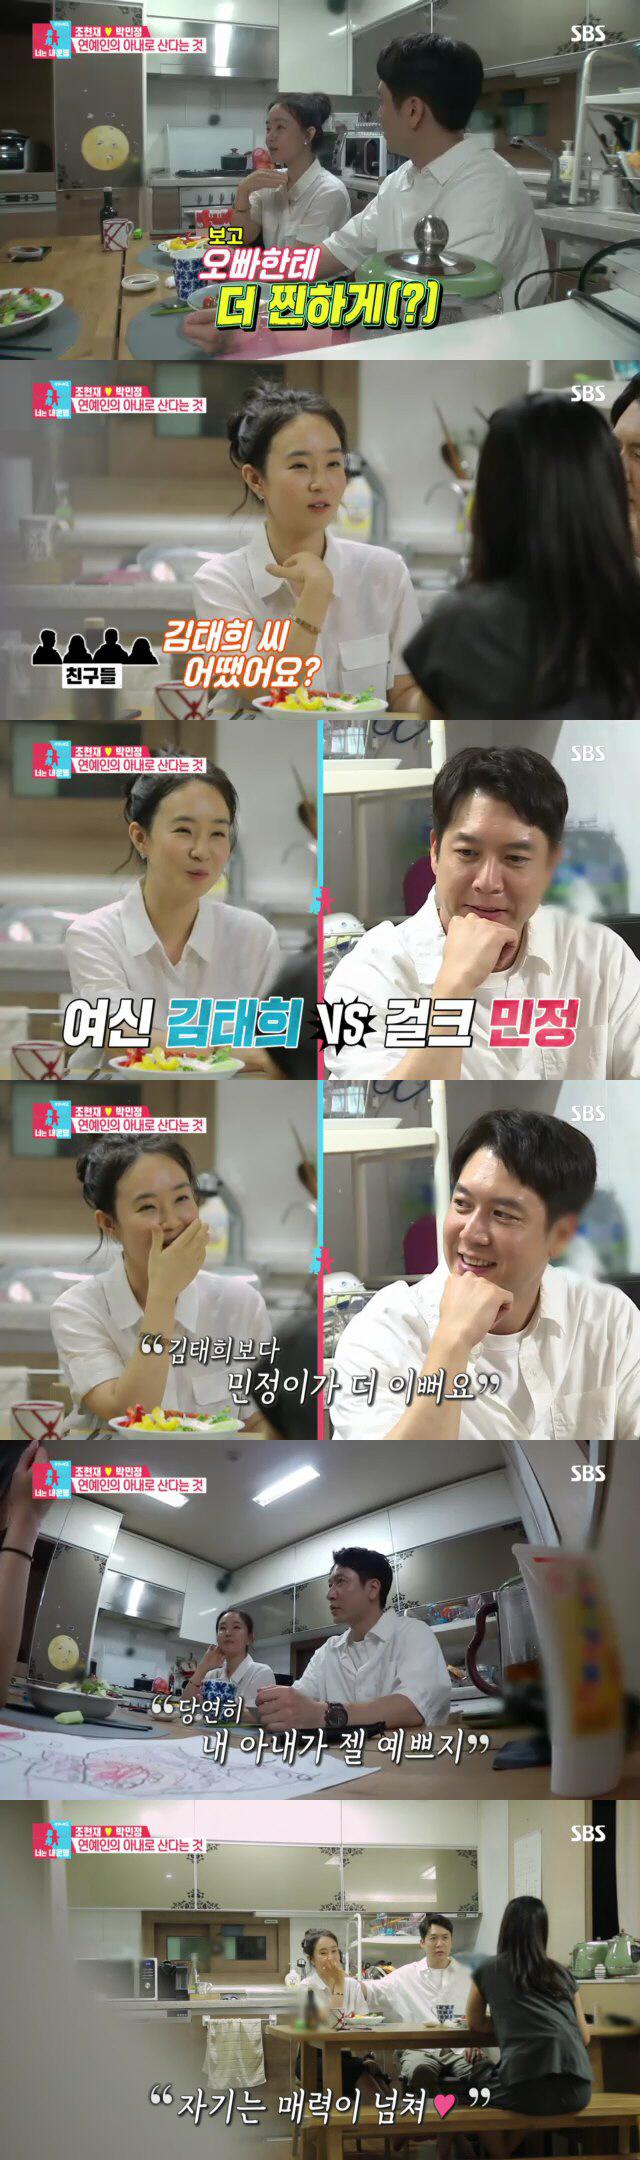 '너는 내 운명' 윤상현, 폭염과의 전쟁..아빠 표 워터파크+수박주스까지